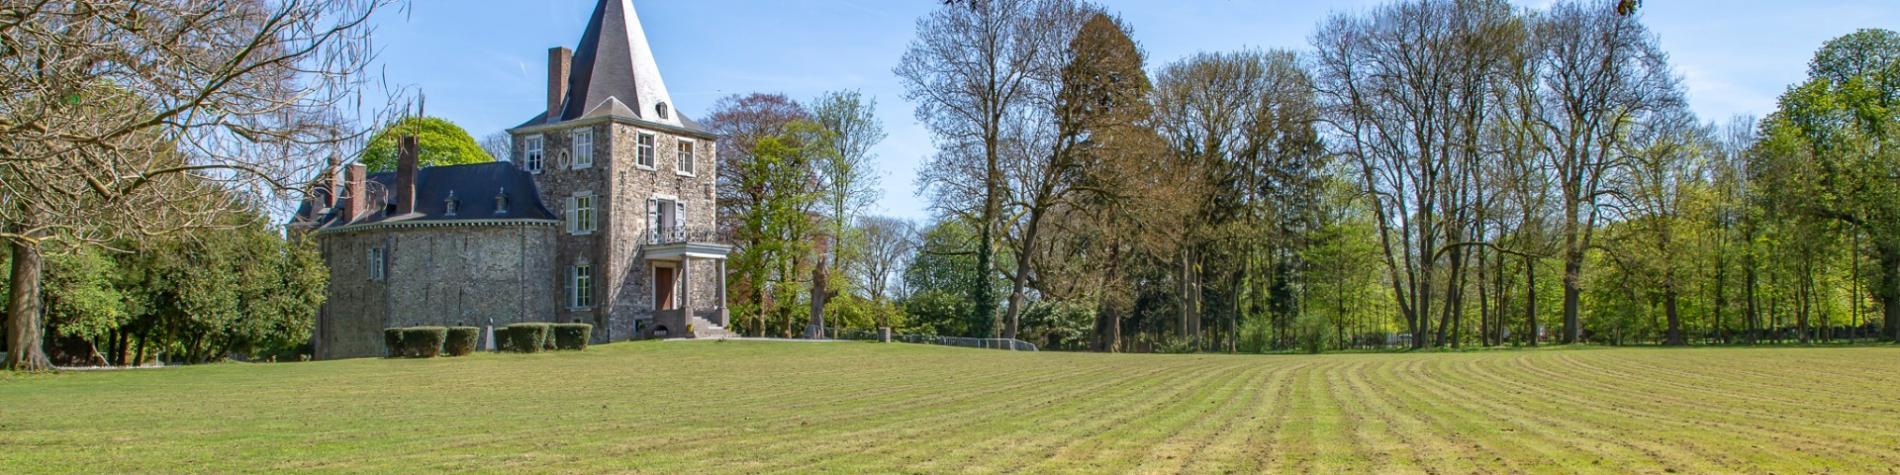 Château de Waroux à Alleur en province de Liège